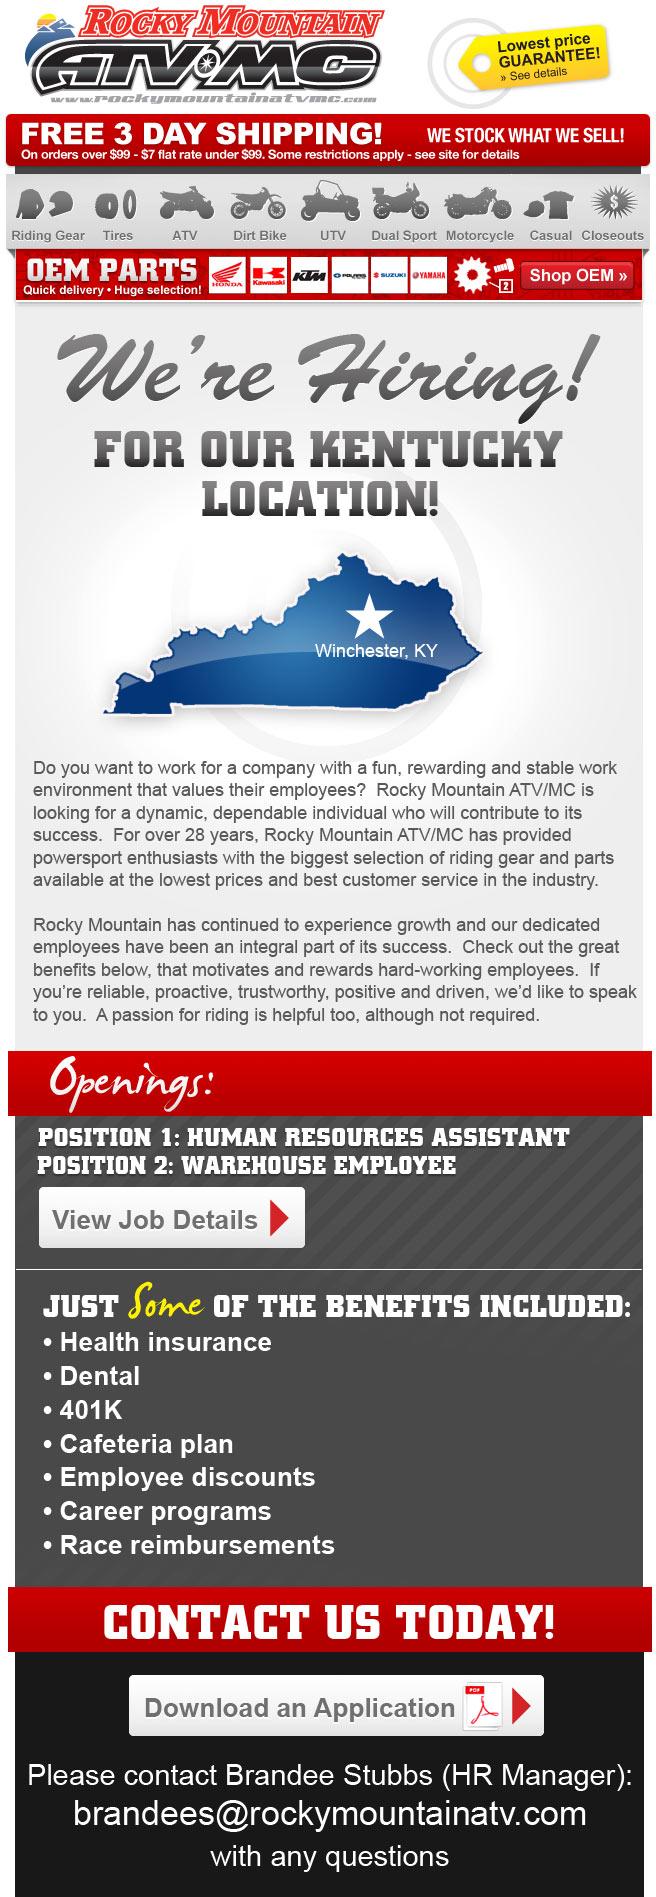 kentucky warehouse opening rocky mountain atv mc rocky mountain atv mc specials